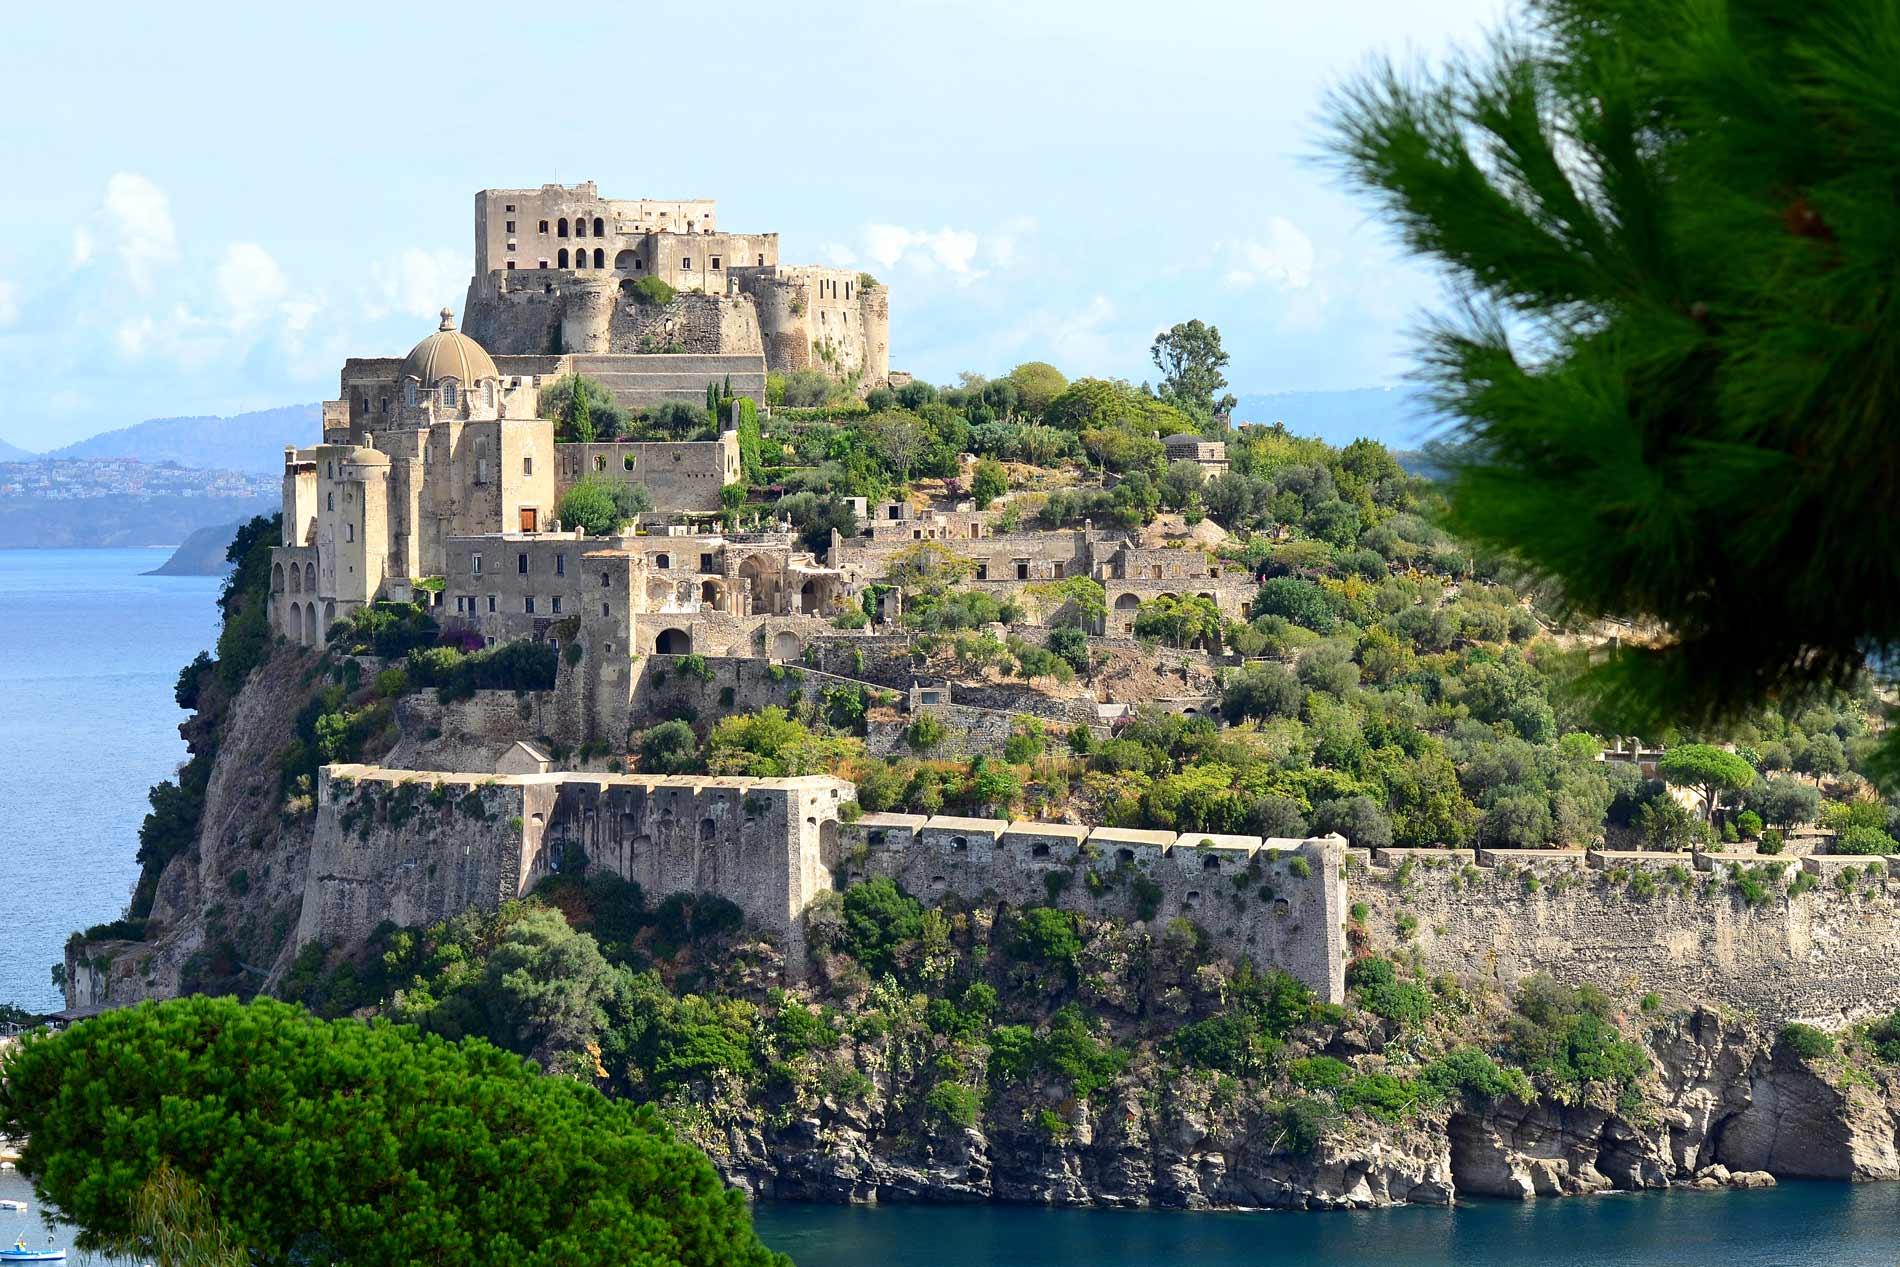 gourmet_in_movimento_nello_patalano_chef_castello_aragonese